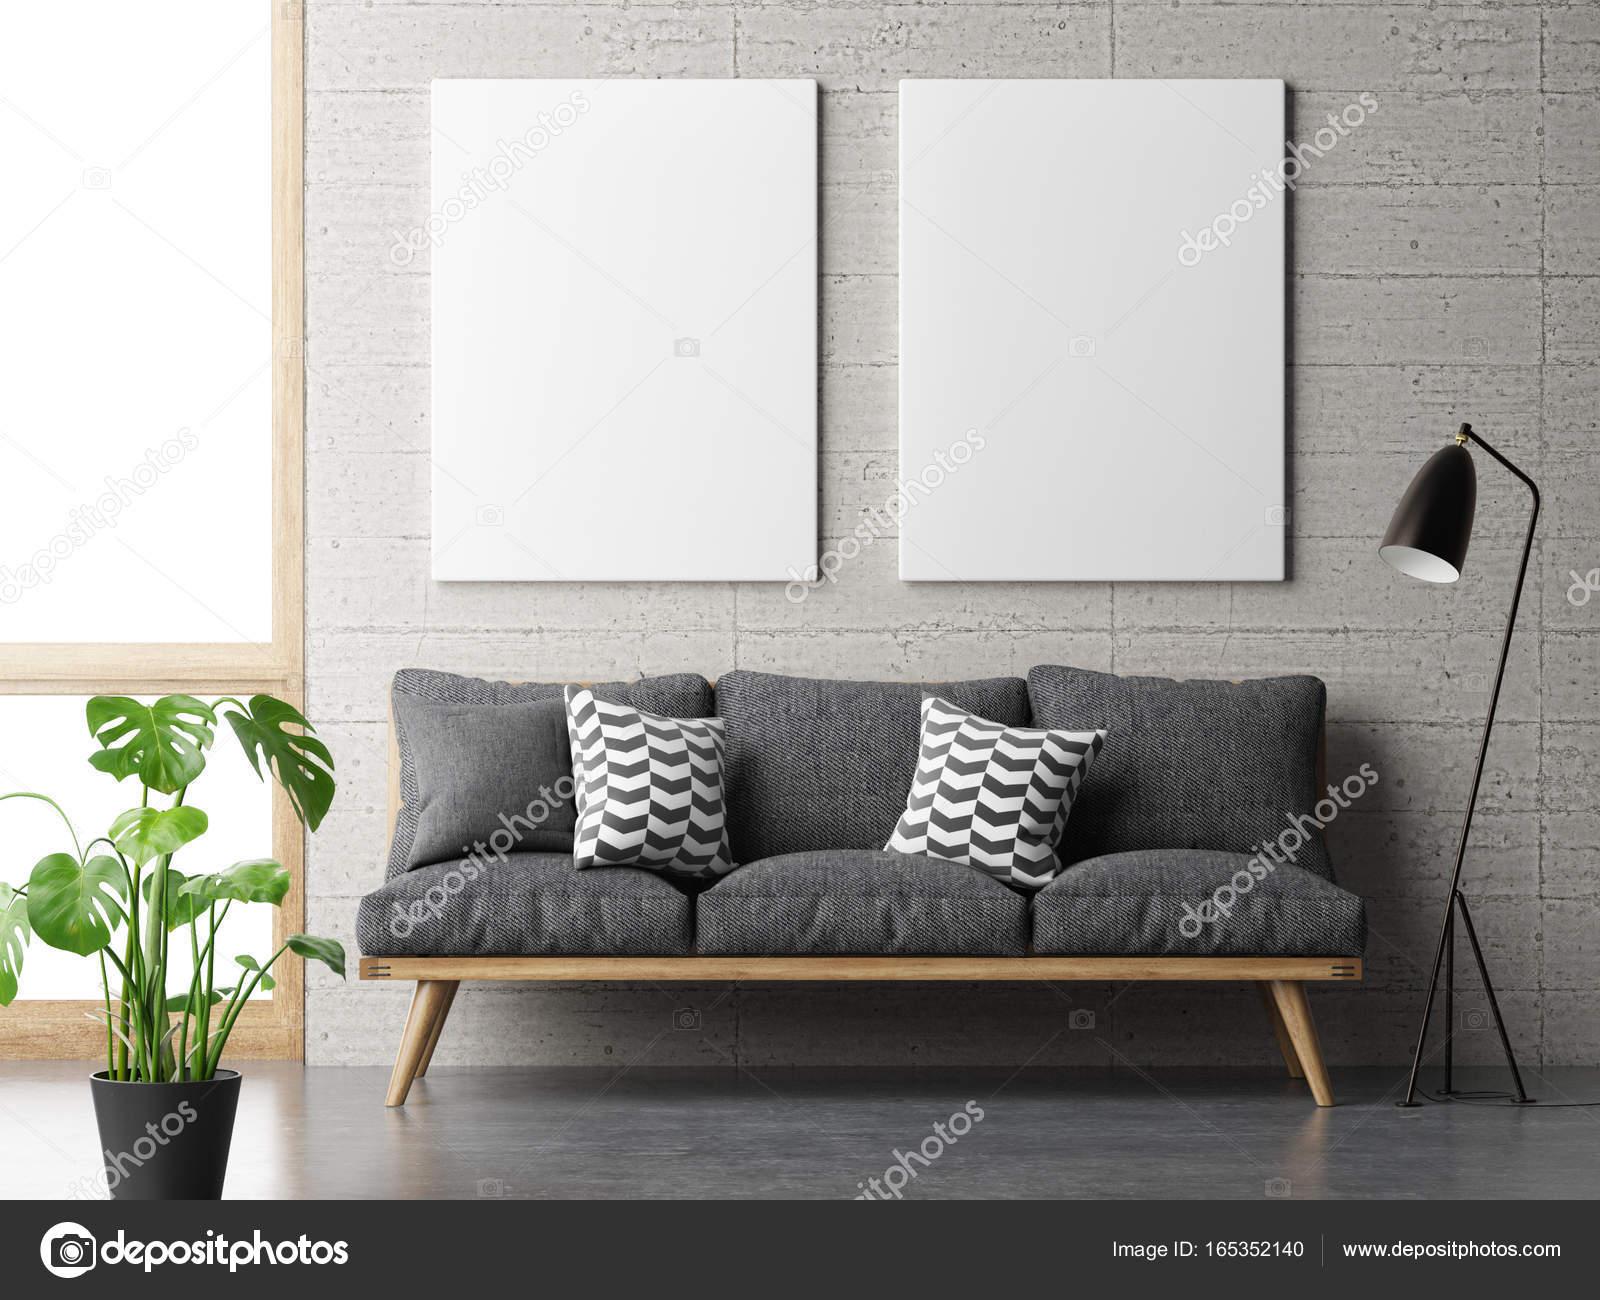 Traum wohnzimmer minimalismus konzept mit mock up poster auf